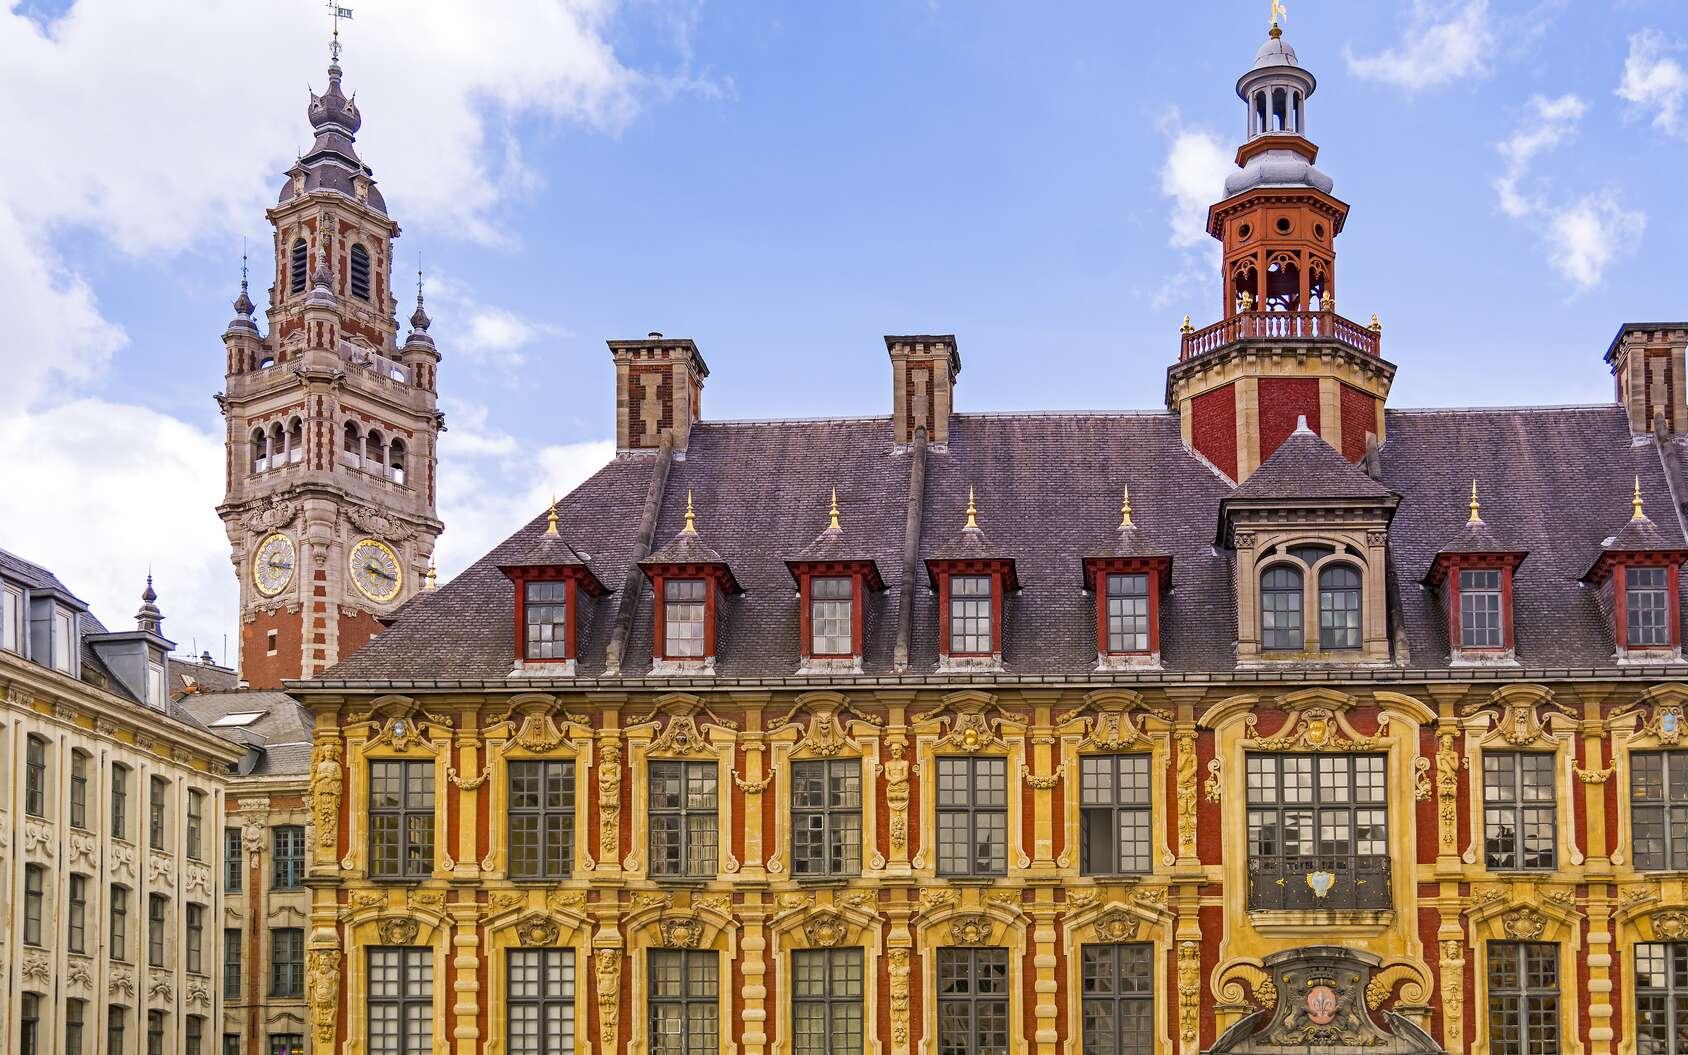 L'influence espagnole est visible dans de nombreuses villes des Flandres, des Pays-Bas et au nord de la France comme ici à Lille. © Flaviu Boerescu, fotolia